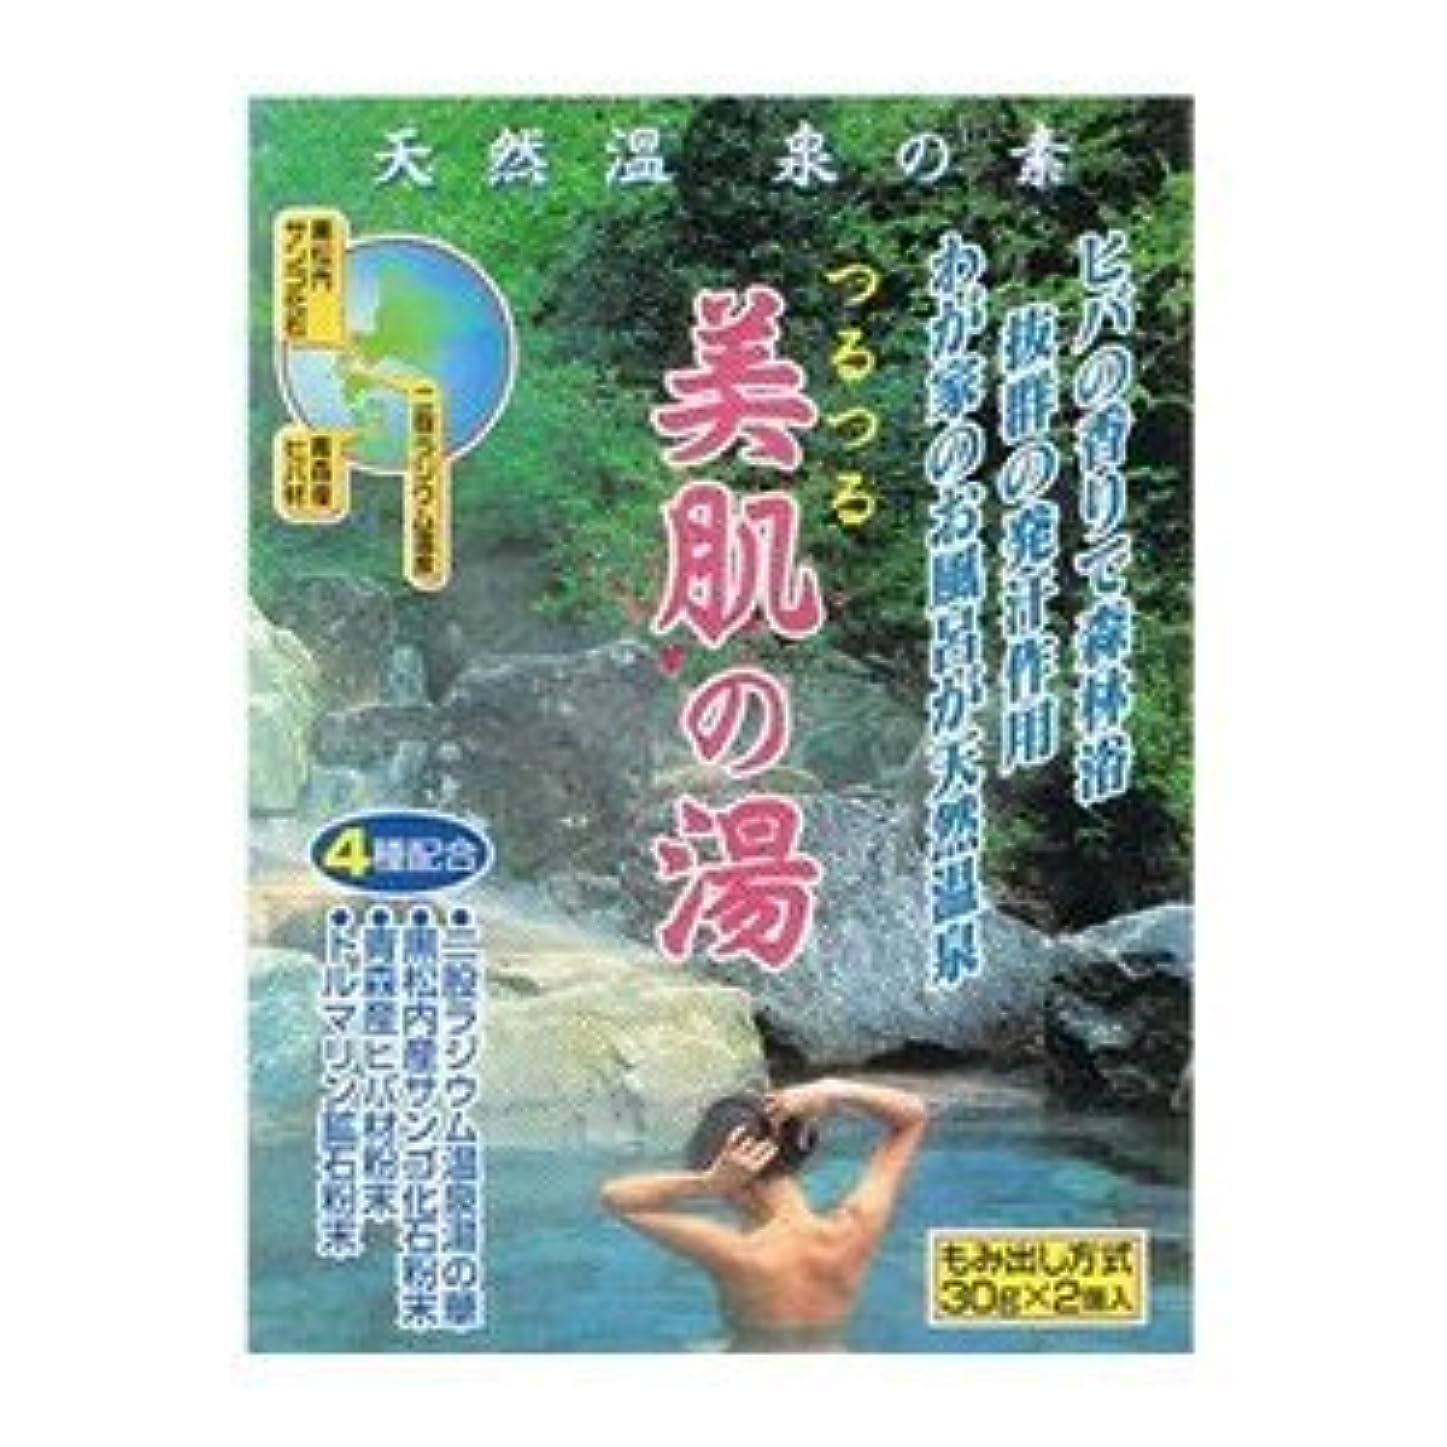 防衛細菌カストディアン天然温泉の素 美肌の湯 (30g×2個入)×18袋セット